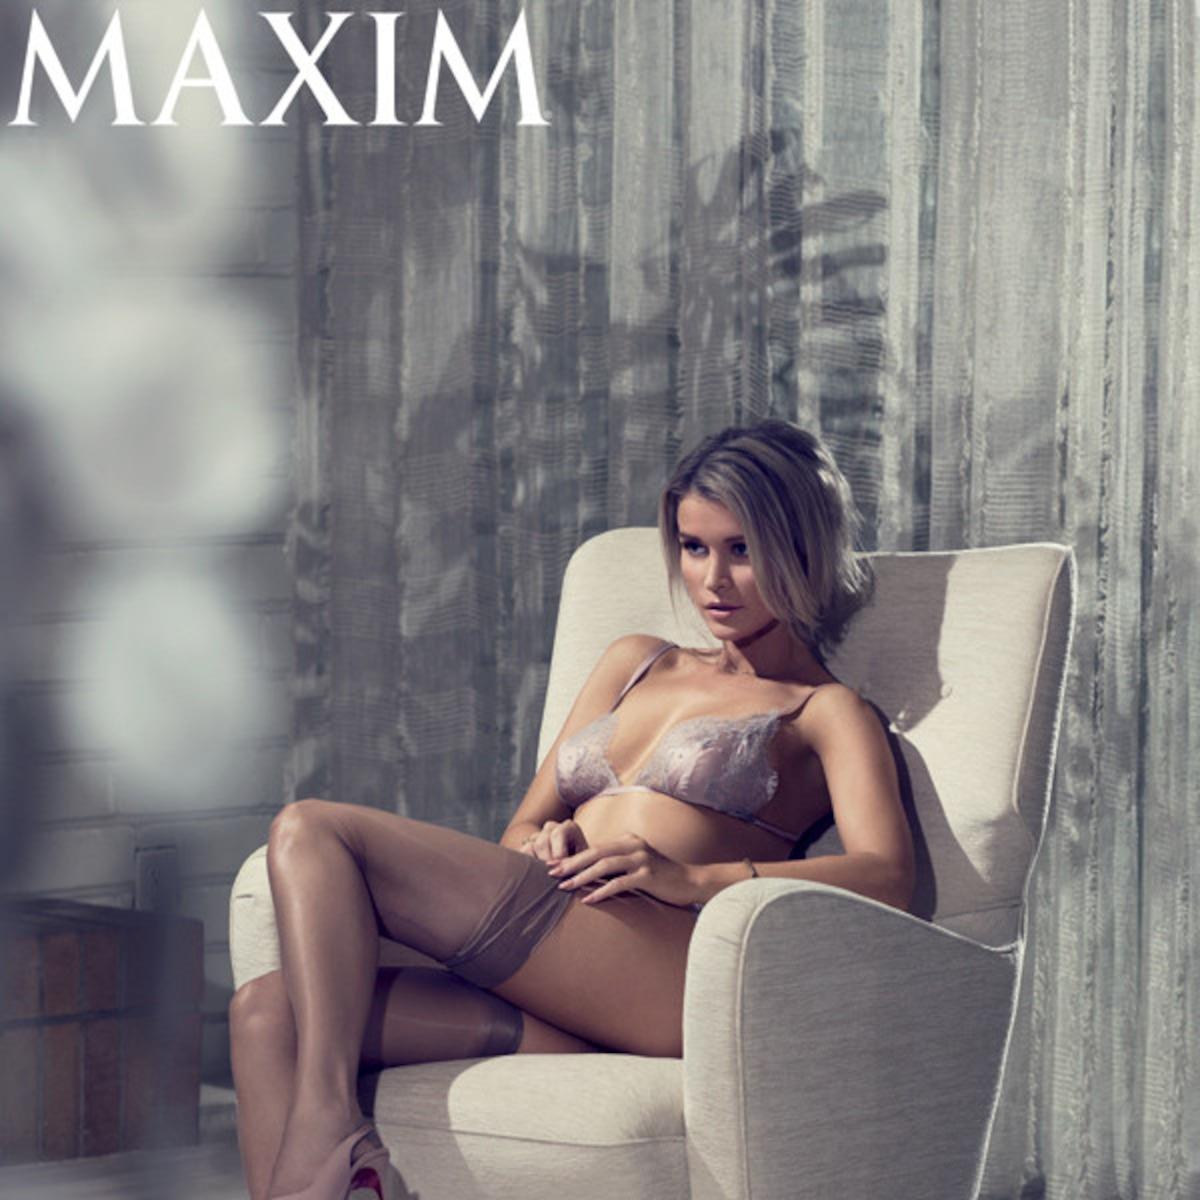 Sexy Joanna Krupa photo 6